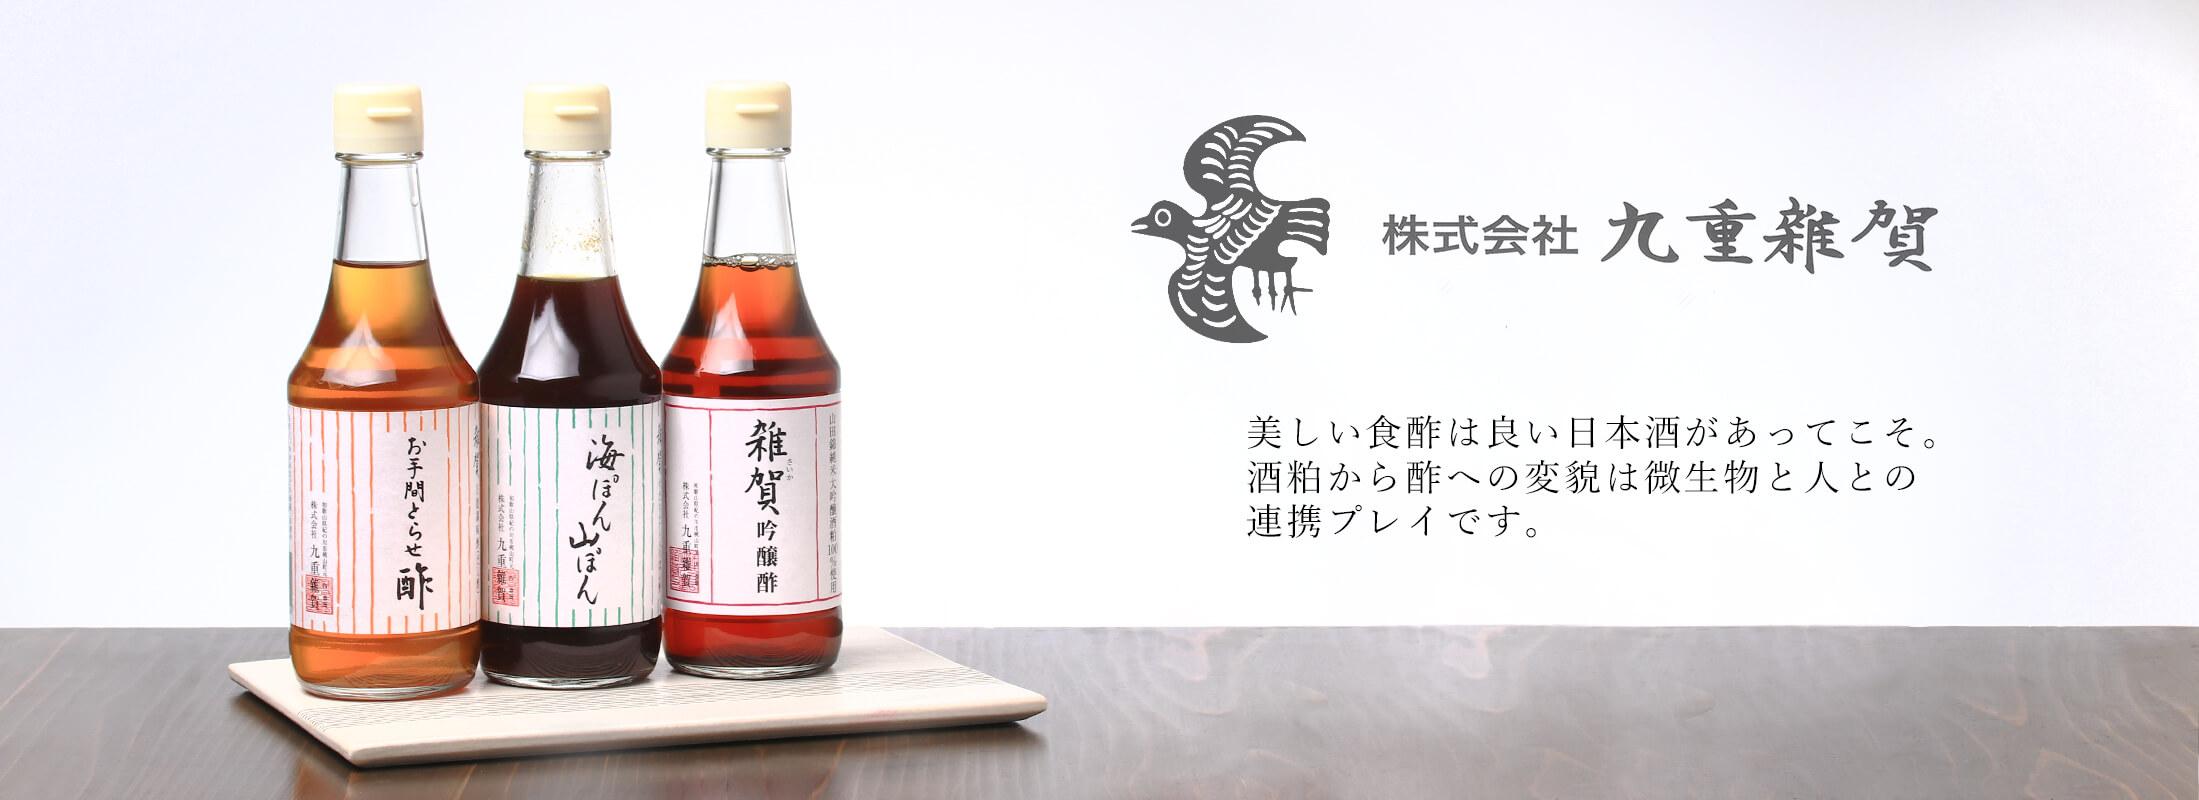 雜賀さいか(株式会社九重雜賀)和歌山県